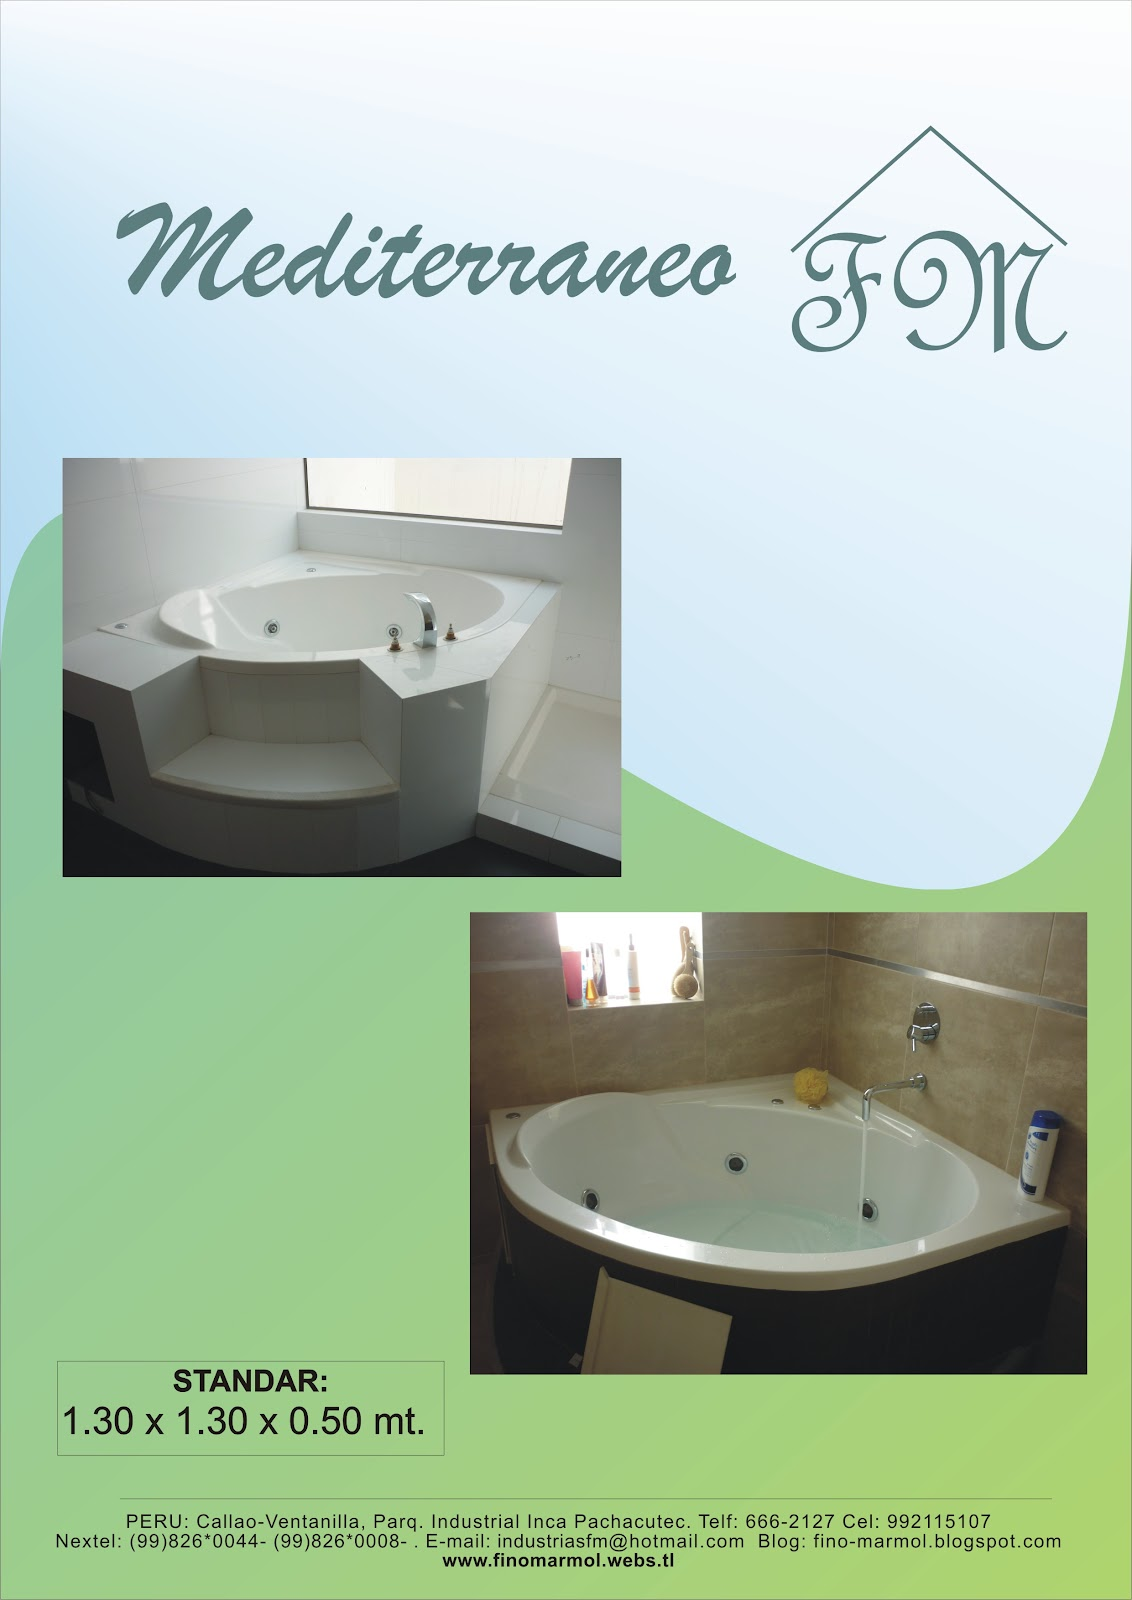 Medidas Para Un Baño Con Tina:Tinas de baño FM: Tina de baño Mediterraneo Fino Marmol